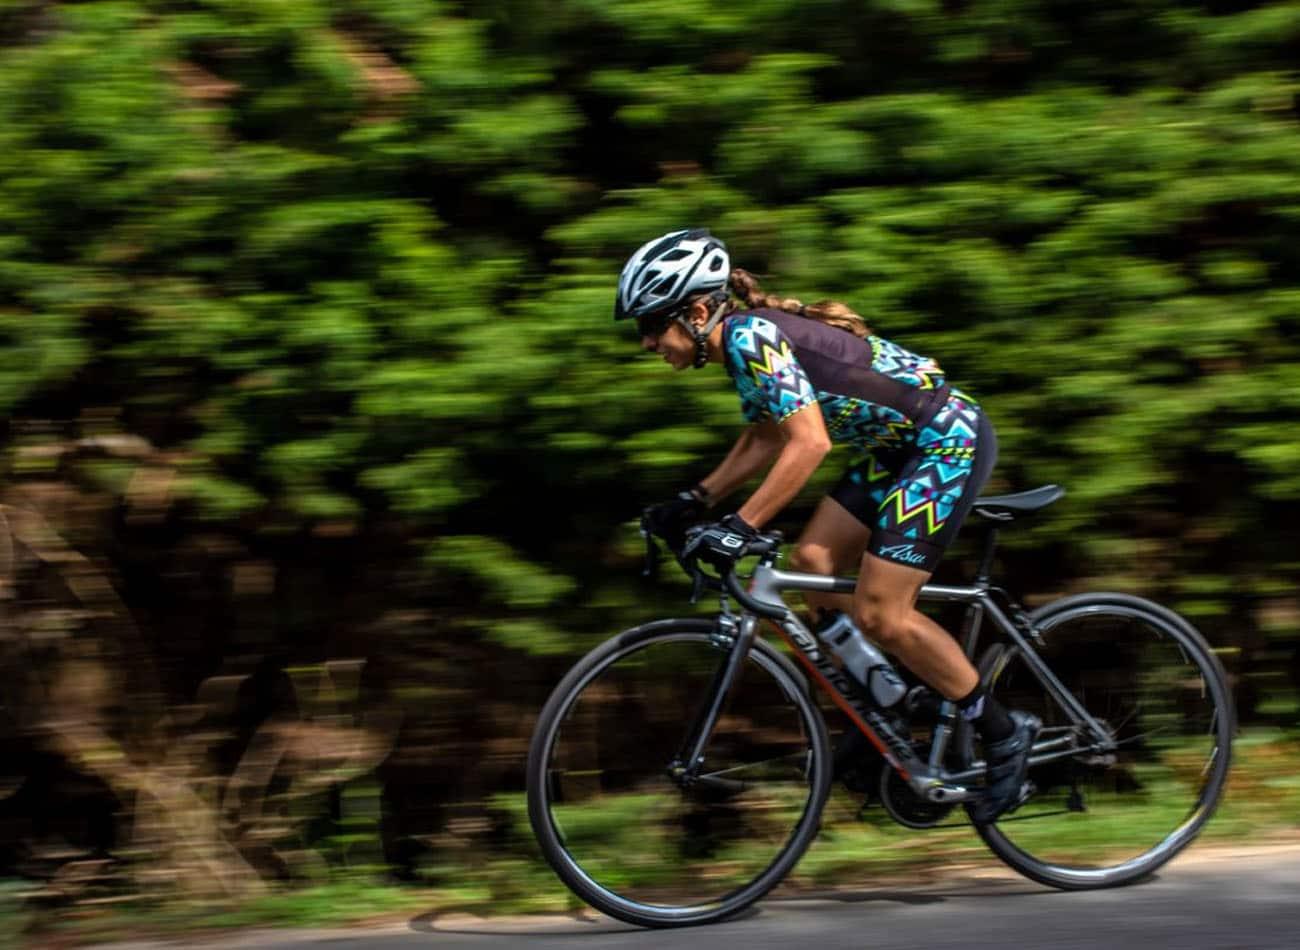 ciclista mulher pedalando na estrada em alta velocidade